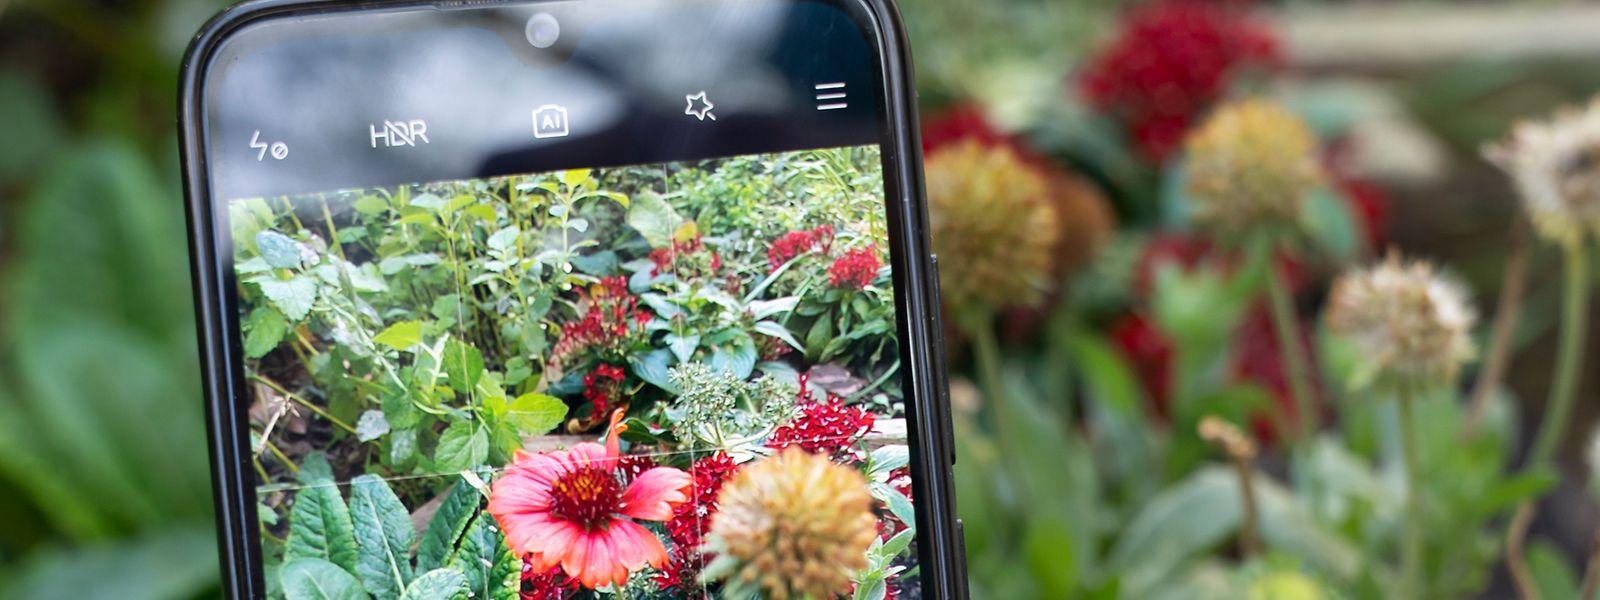 Erkennungs-Apps im Stile von Flora Incognita nutzen die Smartphone-Kamera, um Pflanzen mit einer Datenbank abzugleichen.